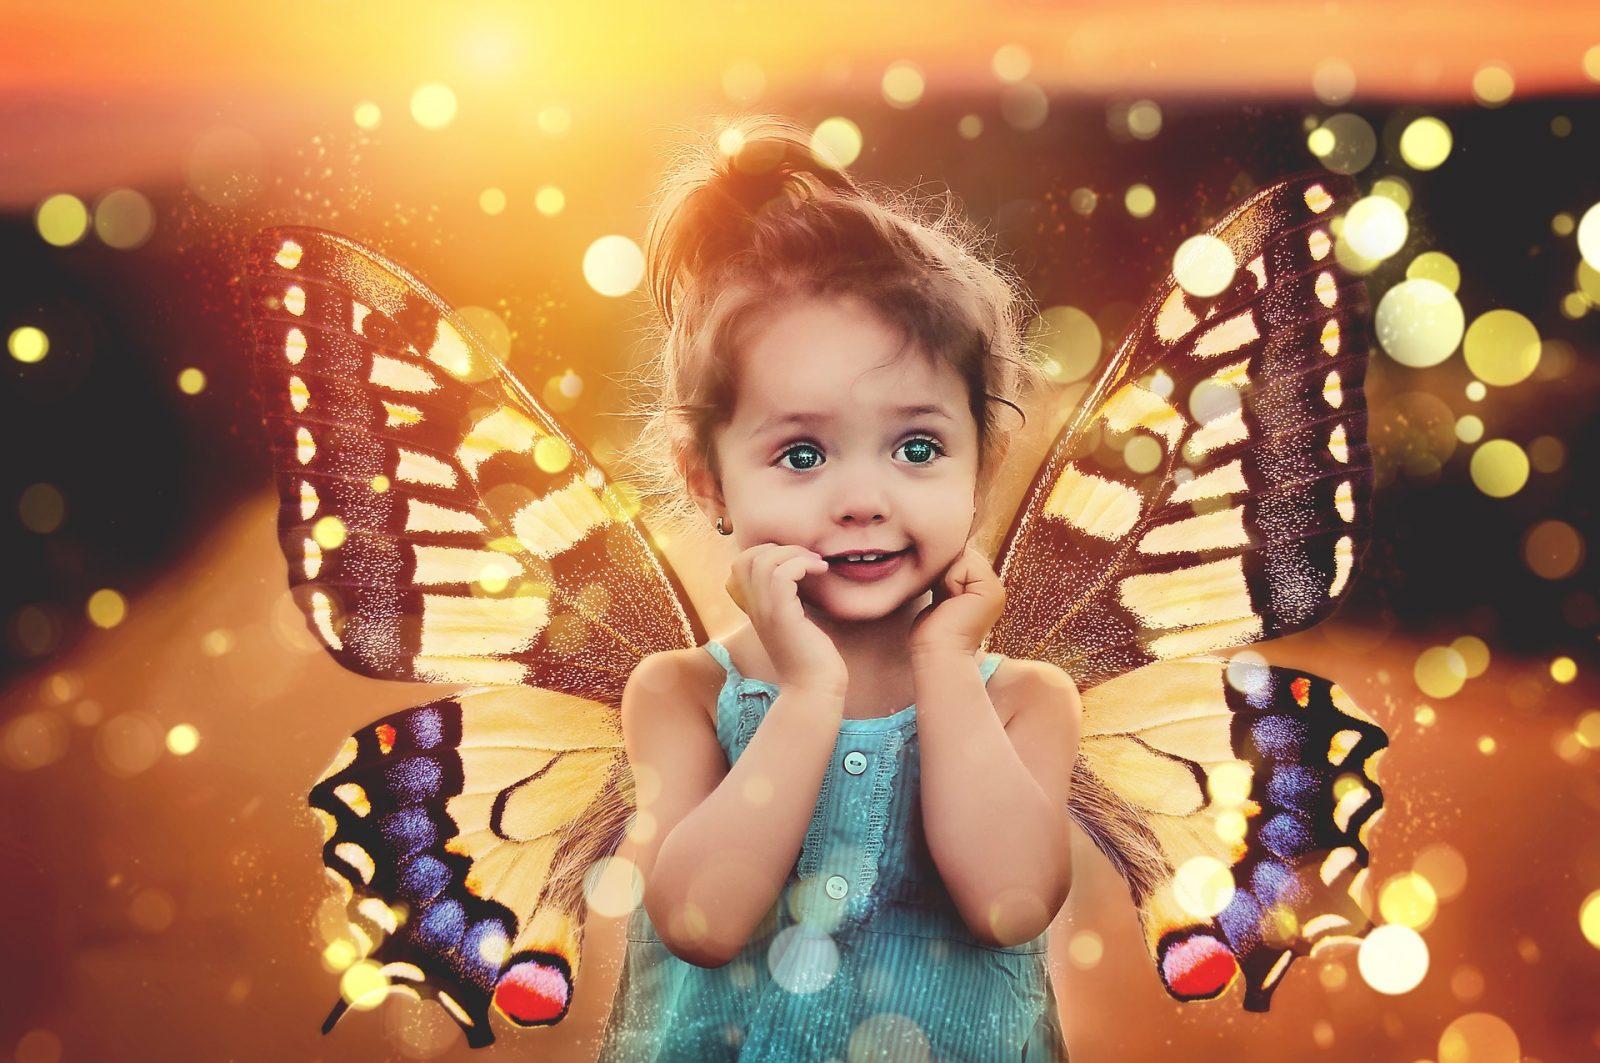 child 2443969 1920